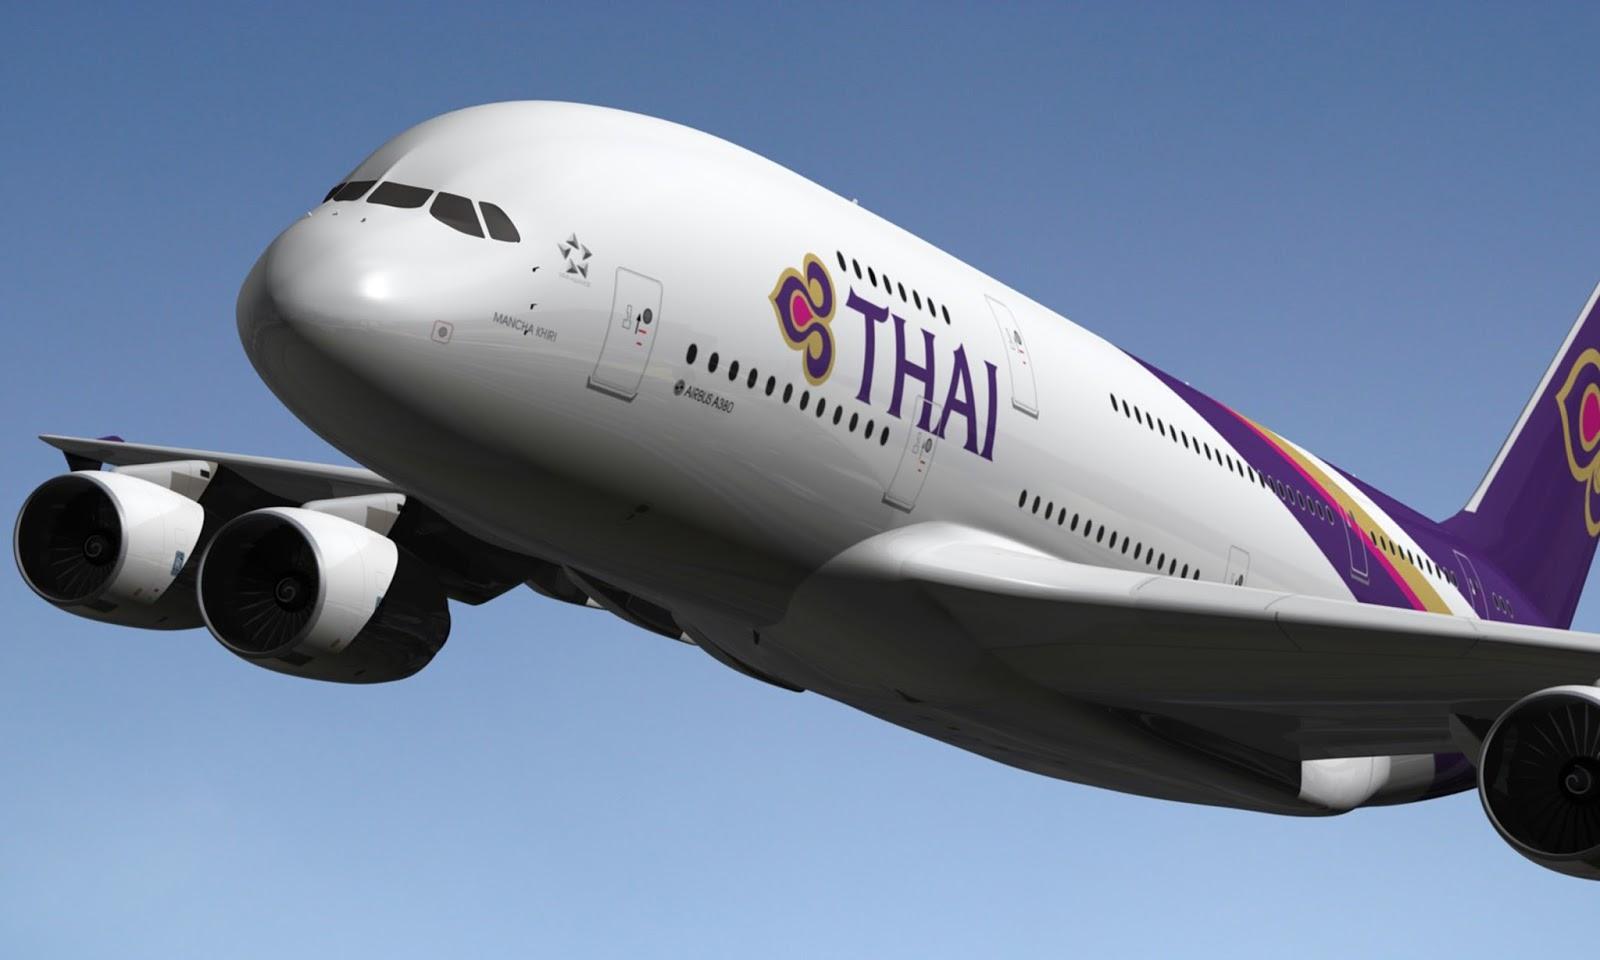 Thai Airways HD Wallpapers 1080p